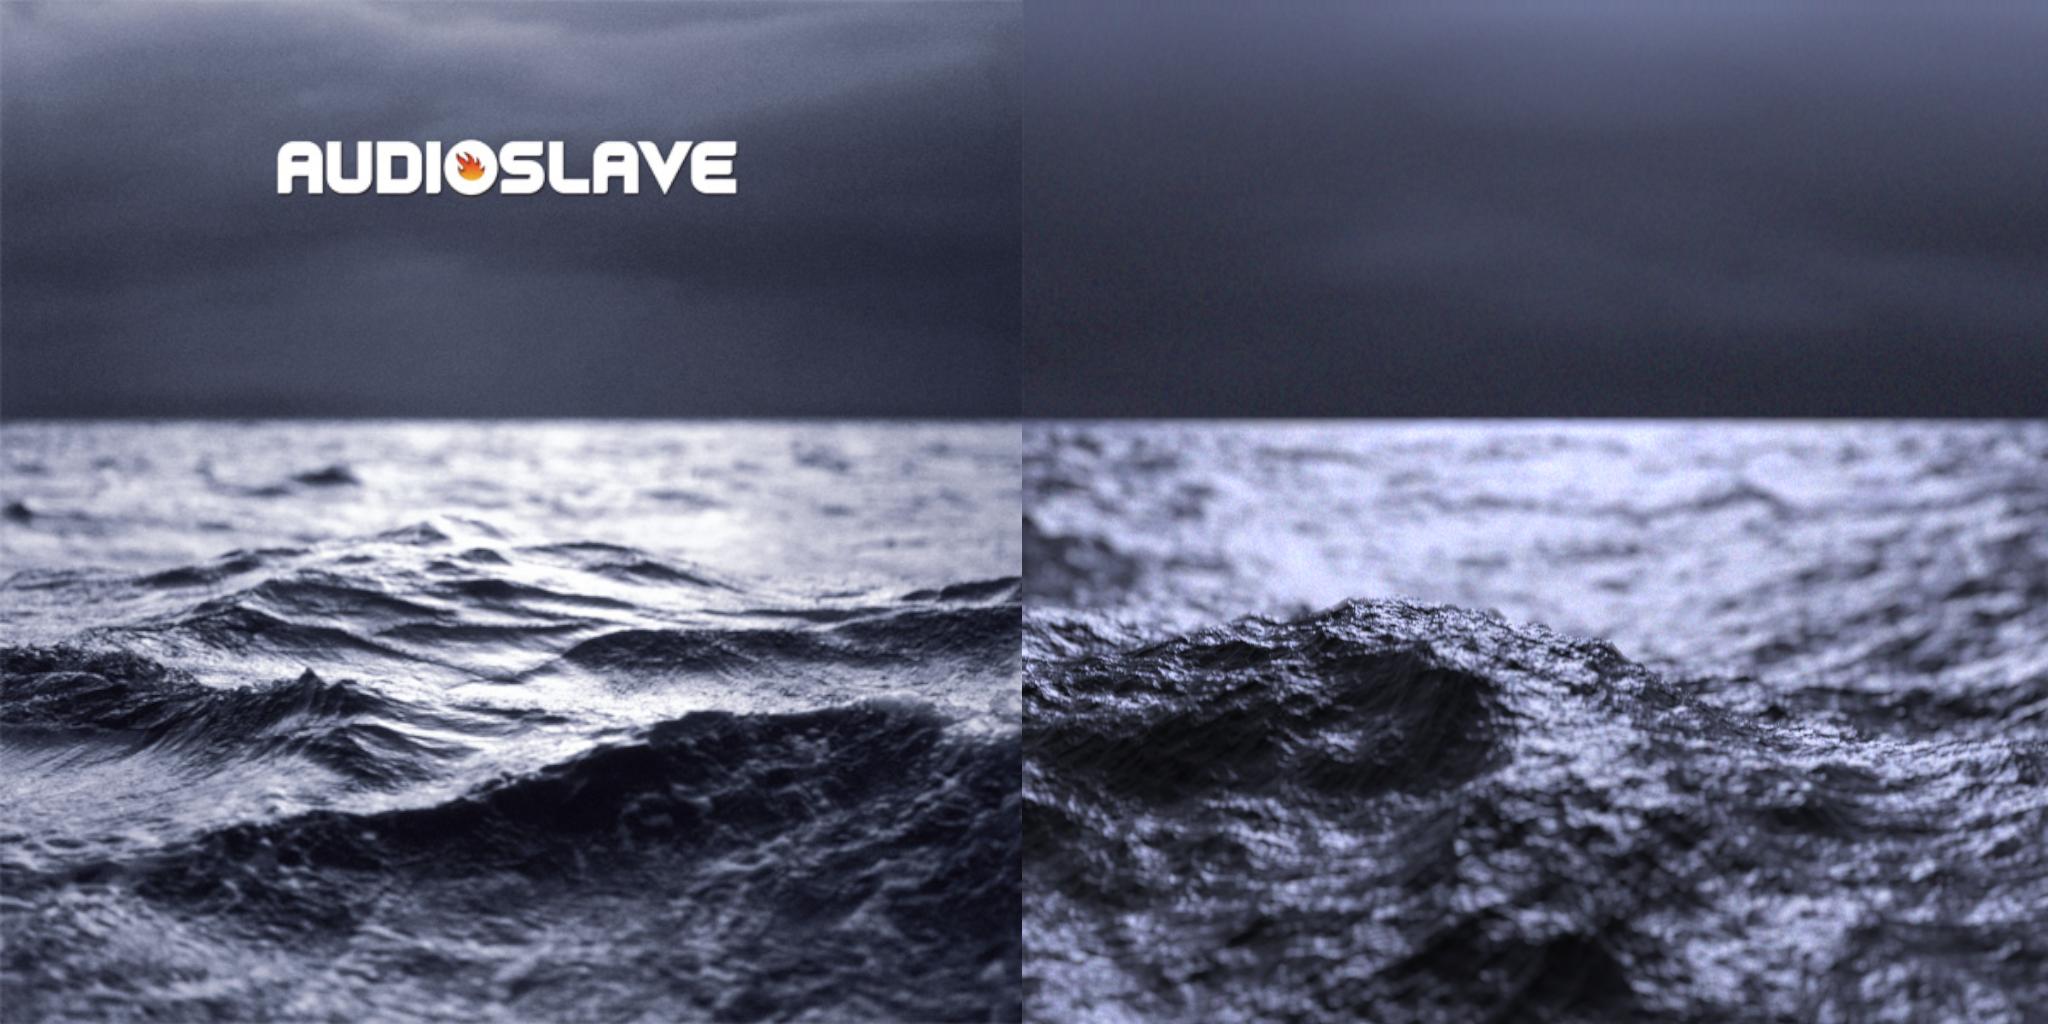 Audioslave_Comparison.v1.png